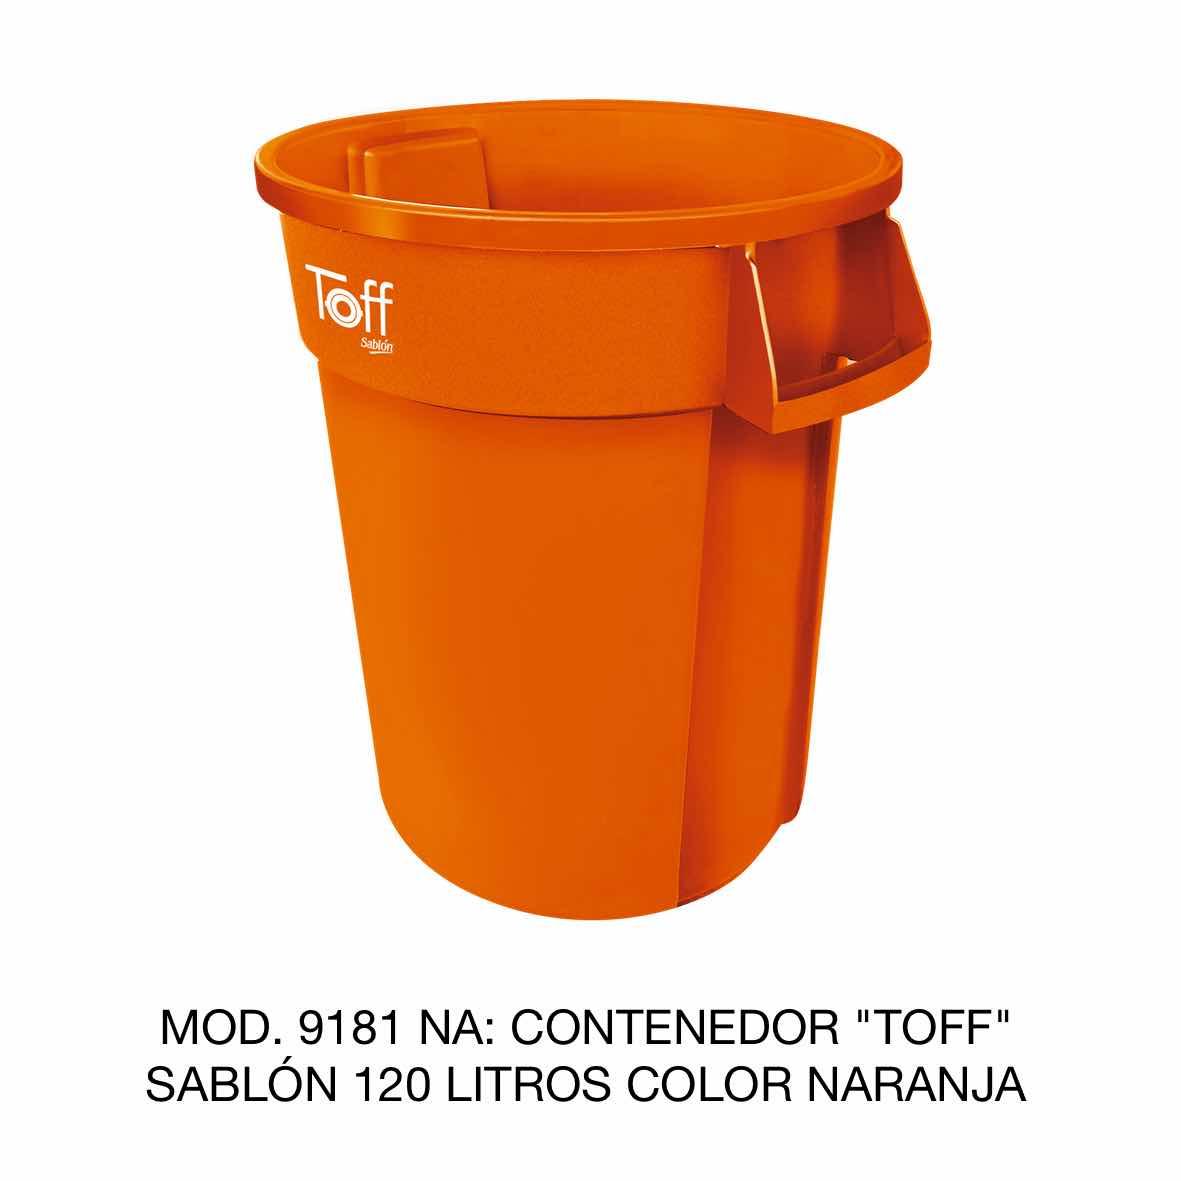 Contenedor de basura Sablón modelo TOFF de 120 litros Modelo 9181 NA Color Naranja